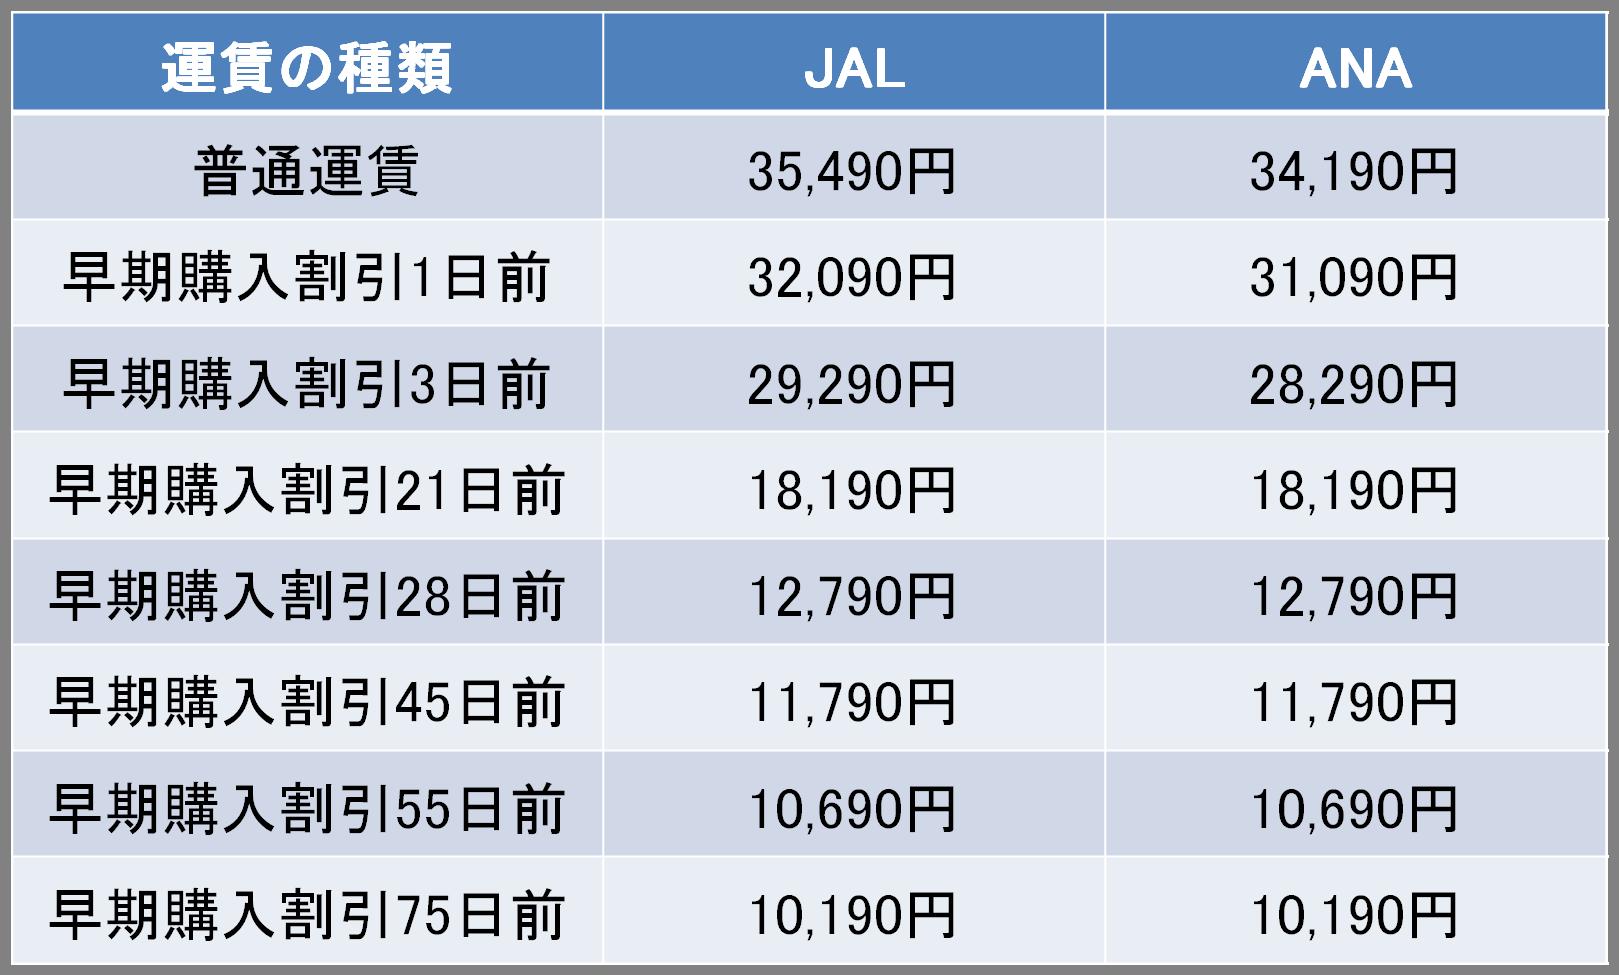 羽田-高知間の航空券の料金